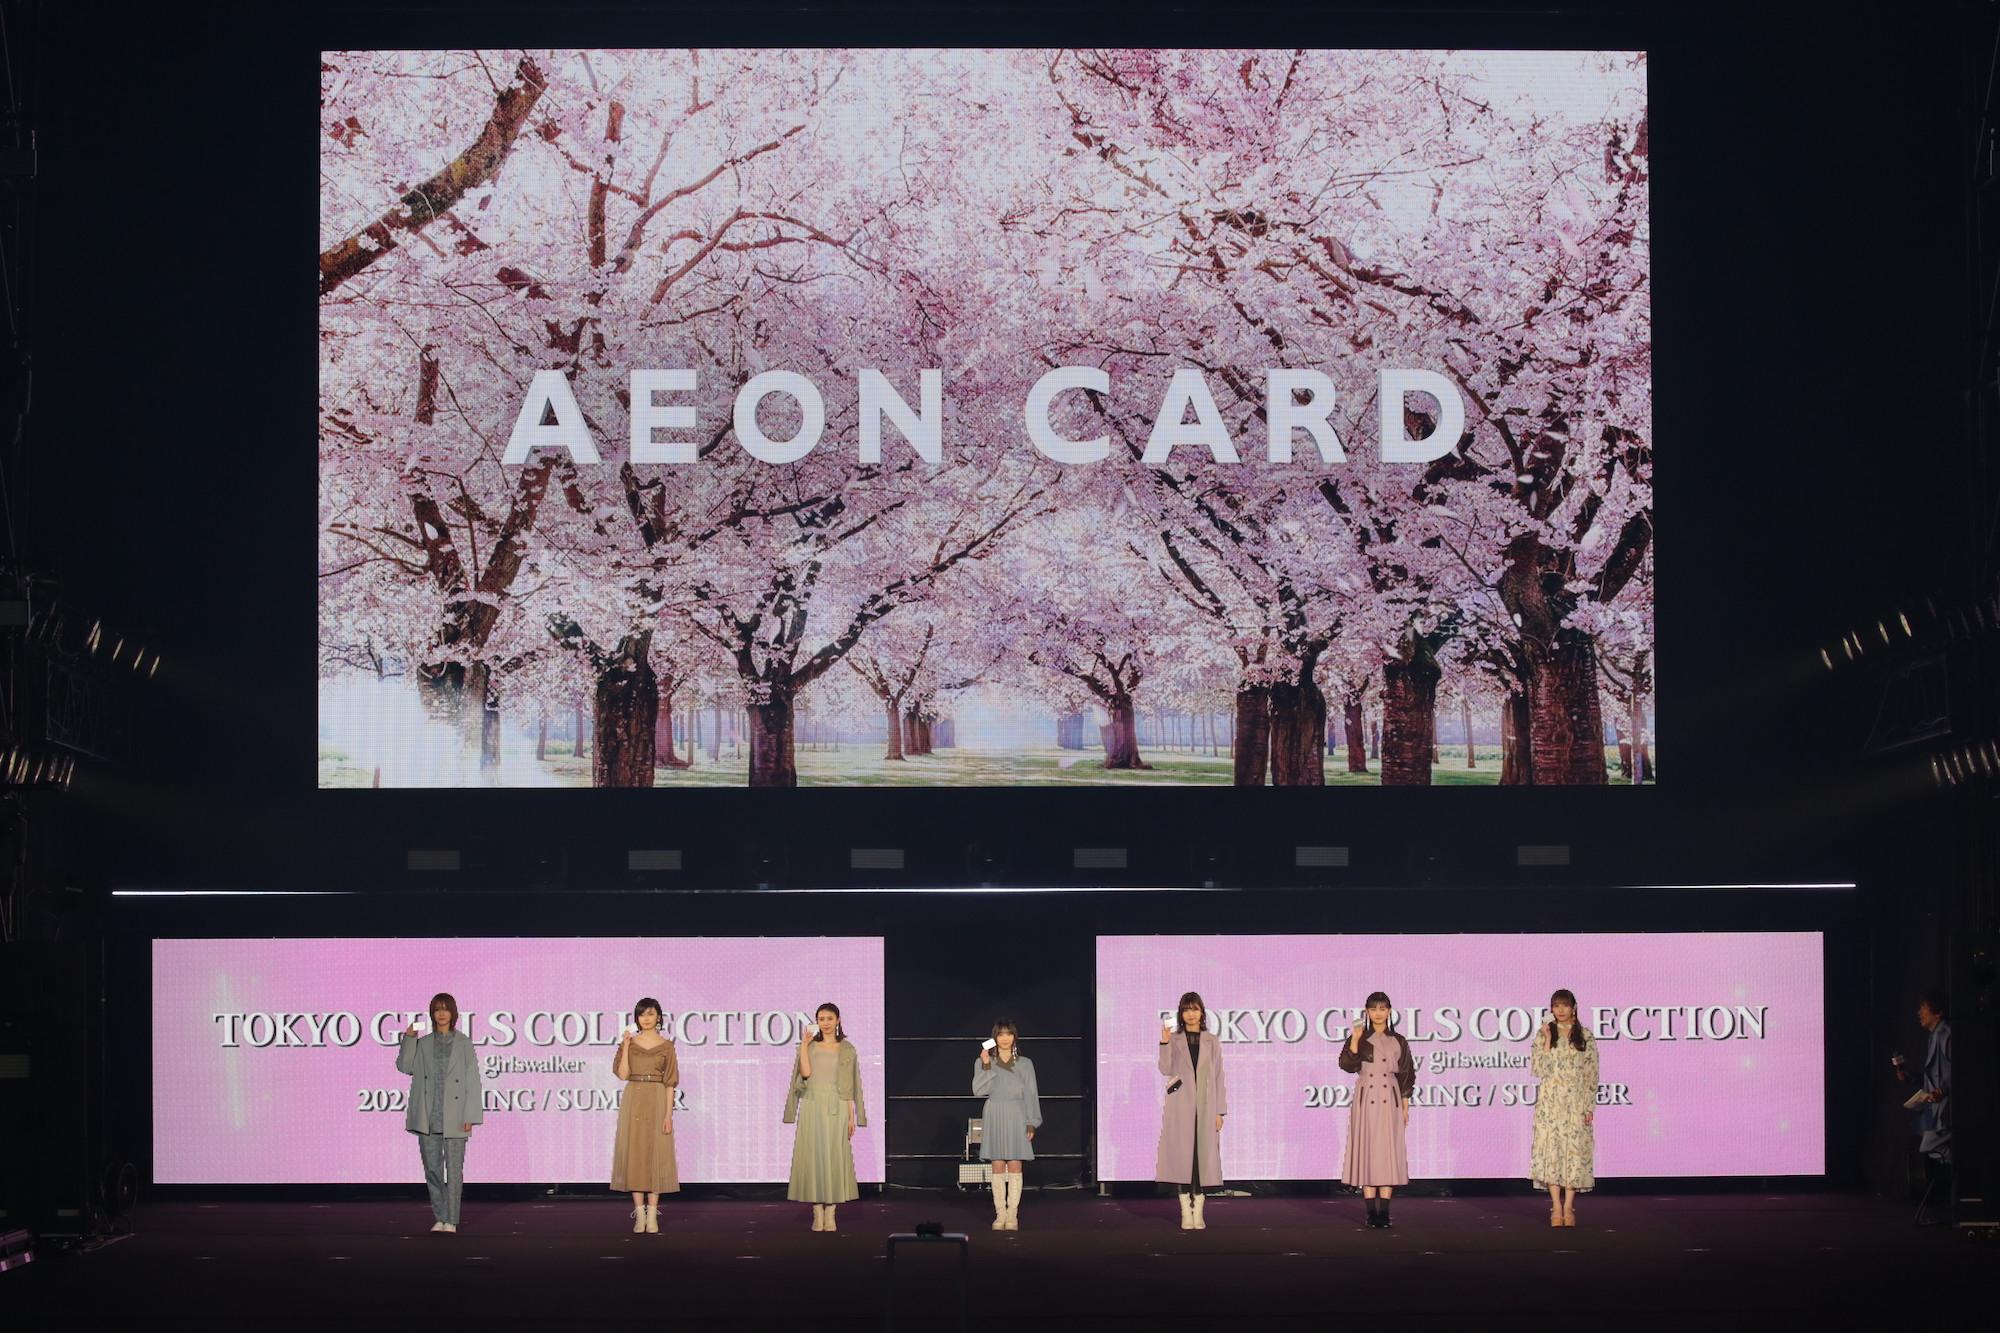 櫻坂46 in TGC AEON CARD SPECIAL ATAGE